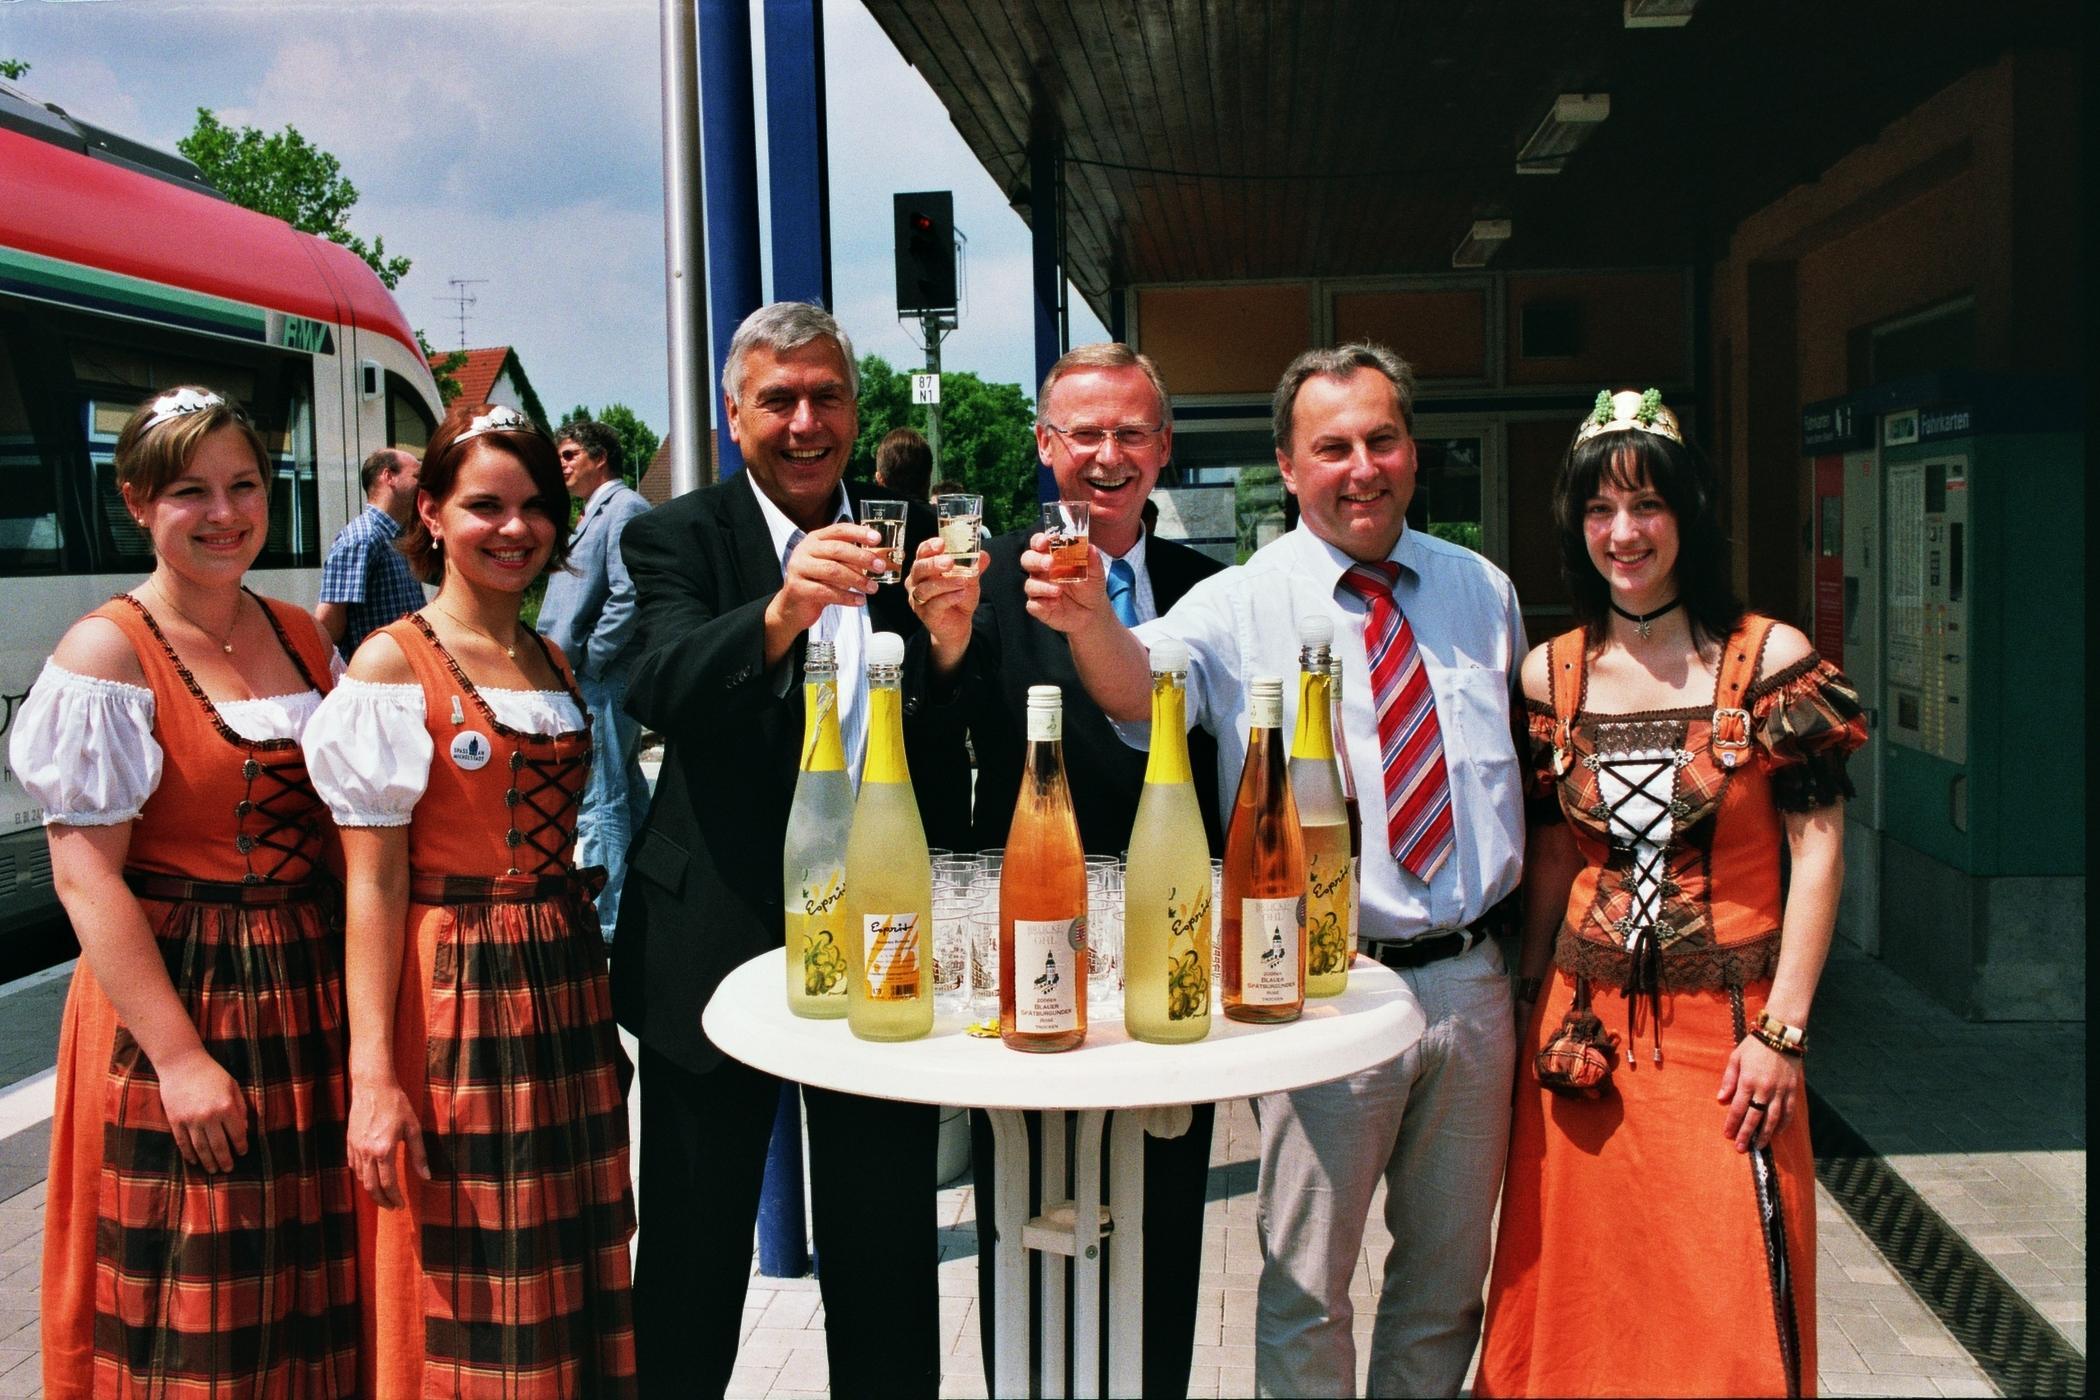 Umstädter Weinhoheiten empfangen die Besucher beim Zwischenstopp in Groß-Umstadt